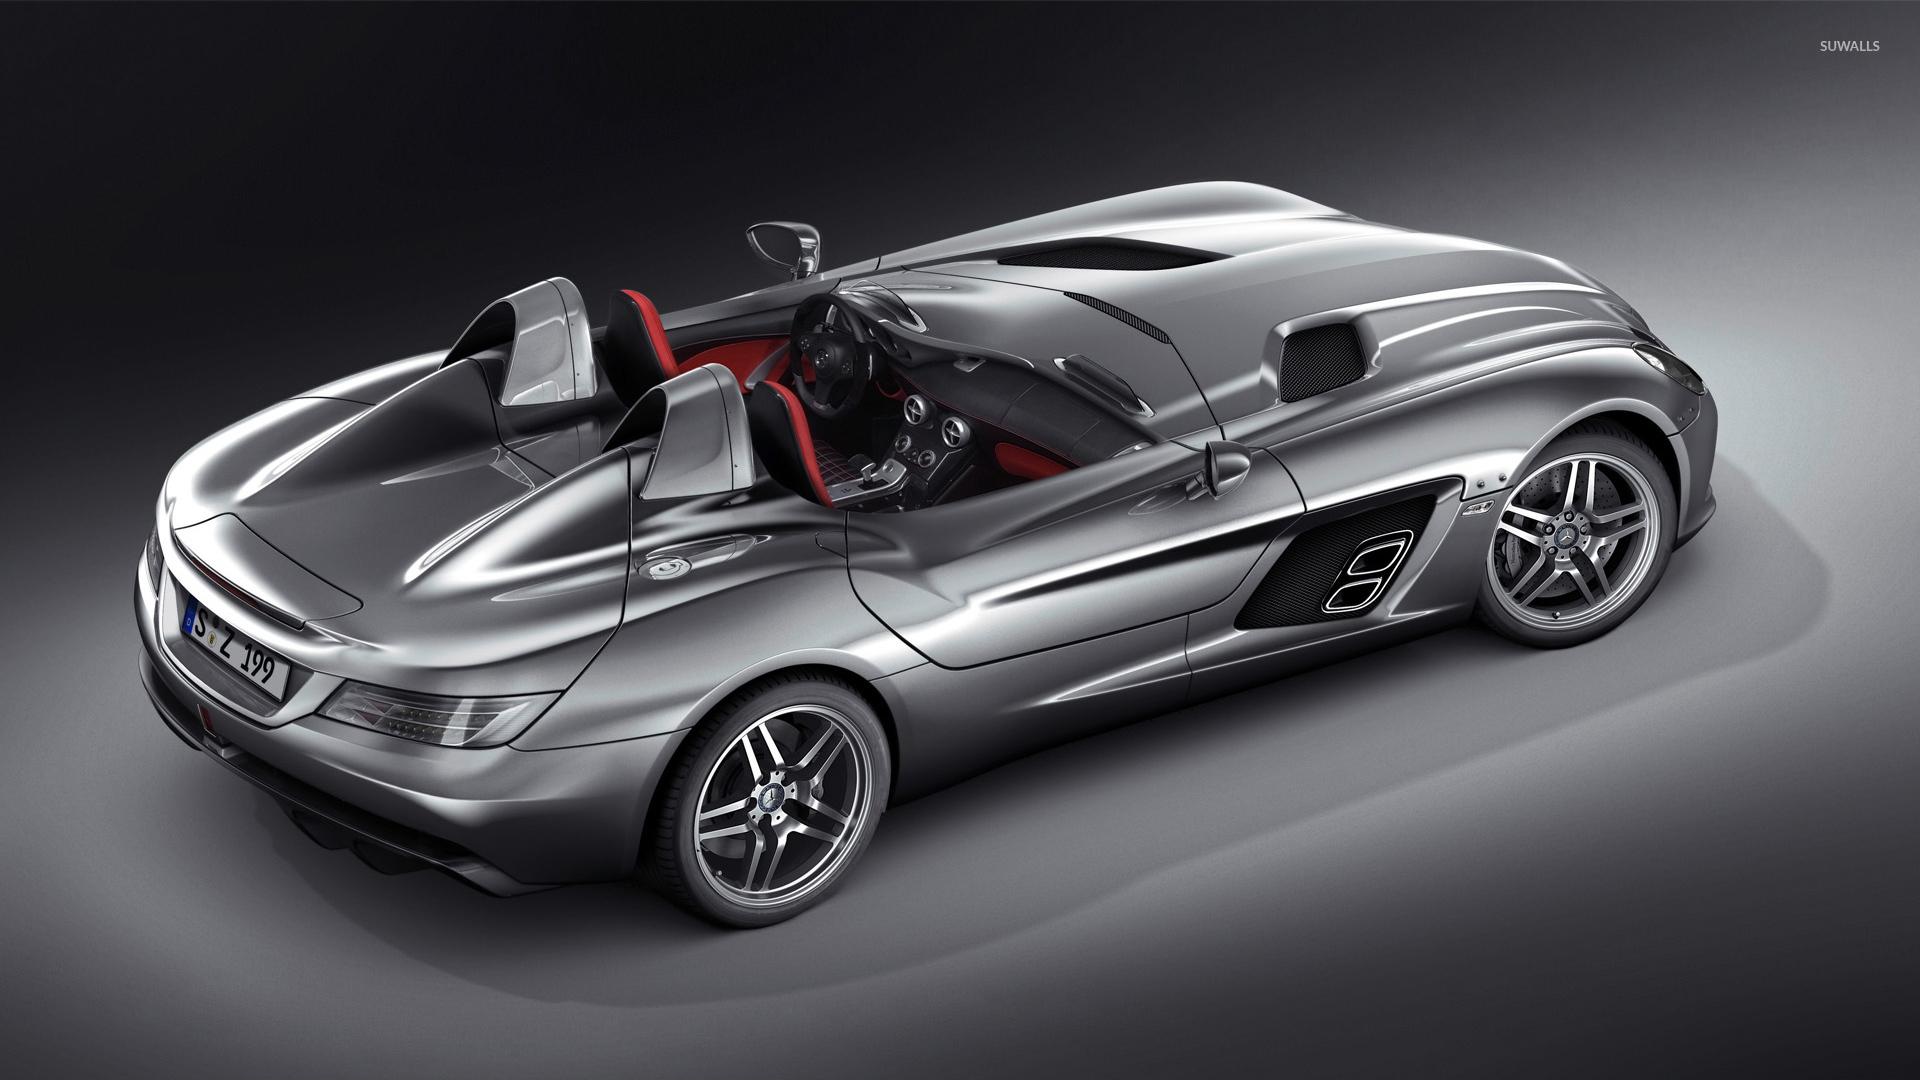 Top view of a silver Mercedes-Benz SLR McLaren wallpaper ...